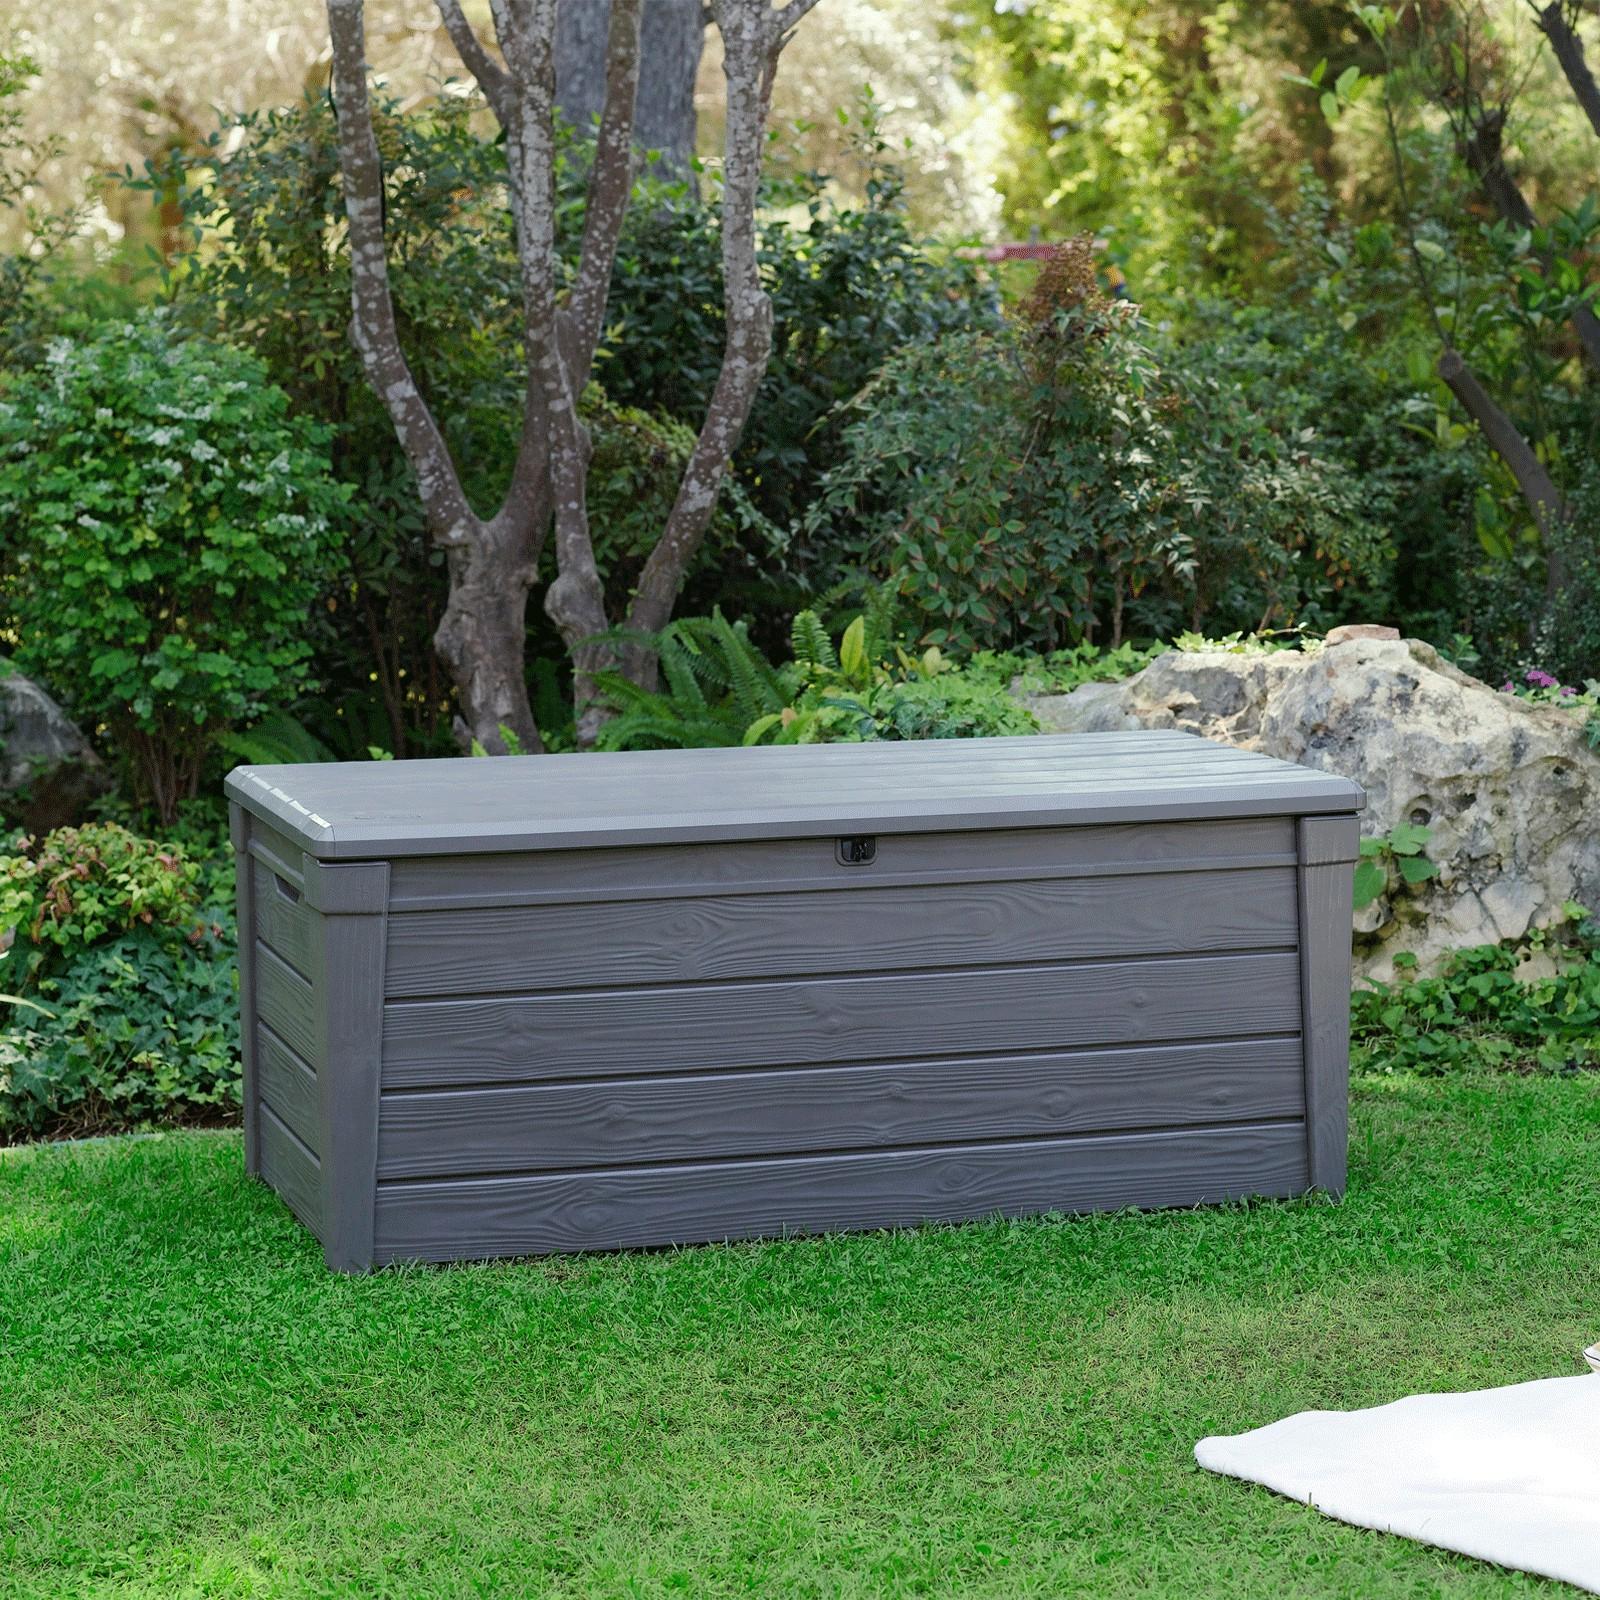 keter garten box aufbewahrungsbox kissenbox auflagenbox brightwood 455 l truhe ebay. Black Bedroom Furniture Sets. Home Design Ideas